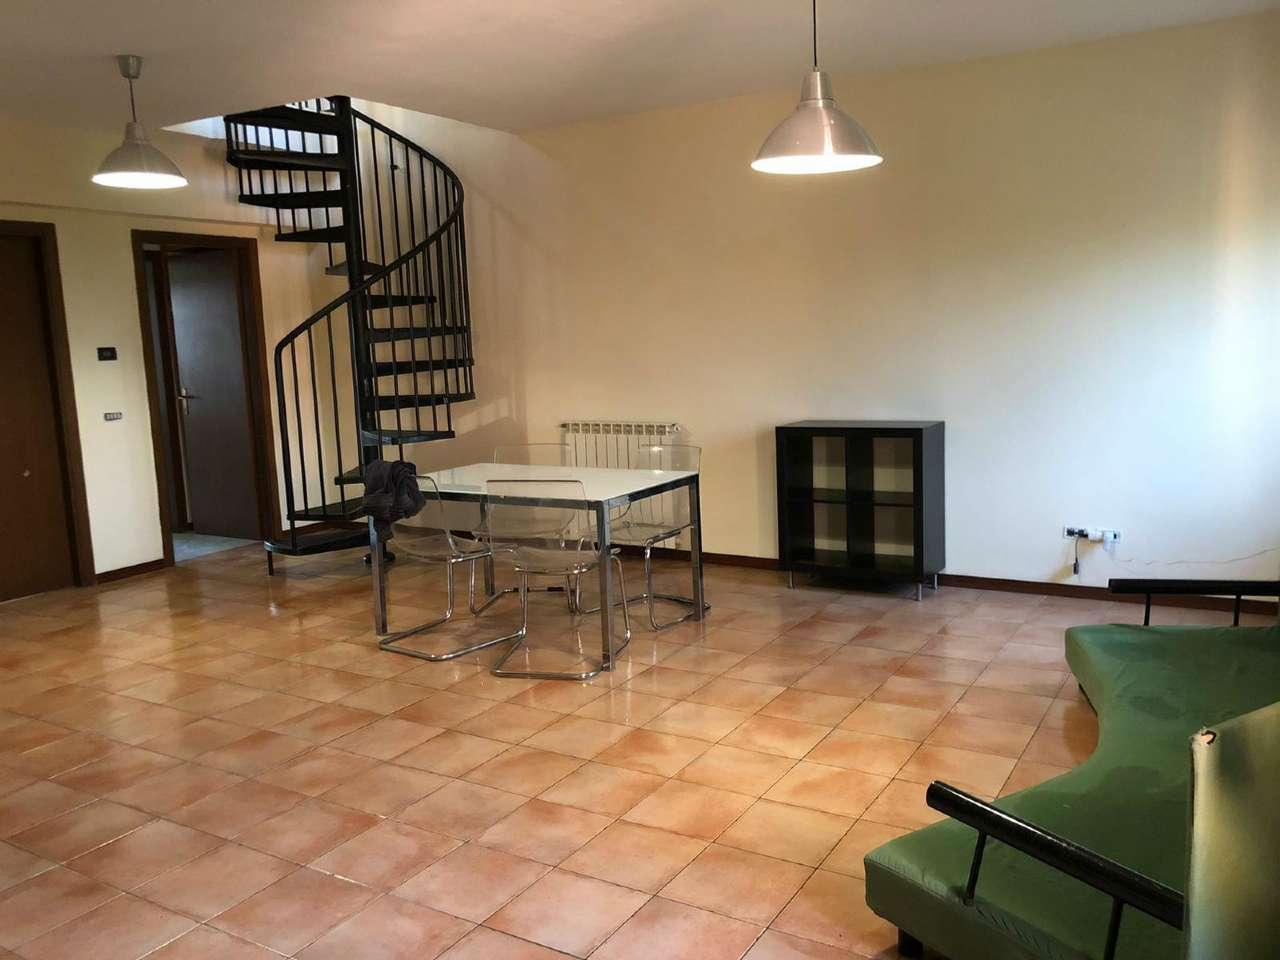 Appartamento in vendita a Cassina de' Pecchi, 2 locali, prezzo € 125.000 | PortaleAgenzieImmobiliari.it